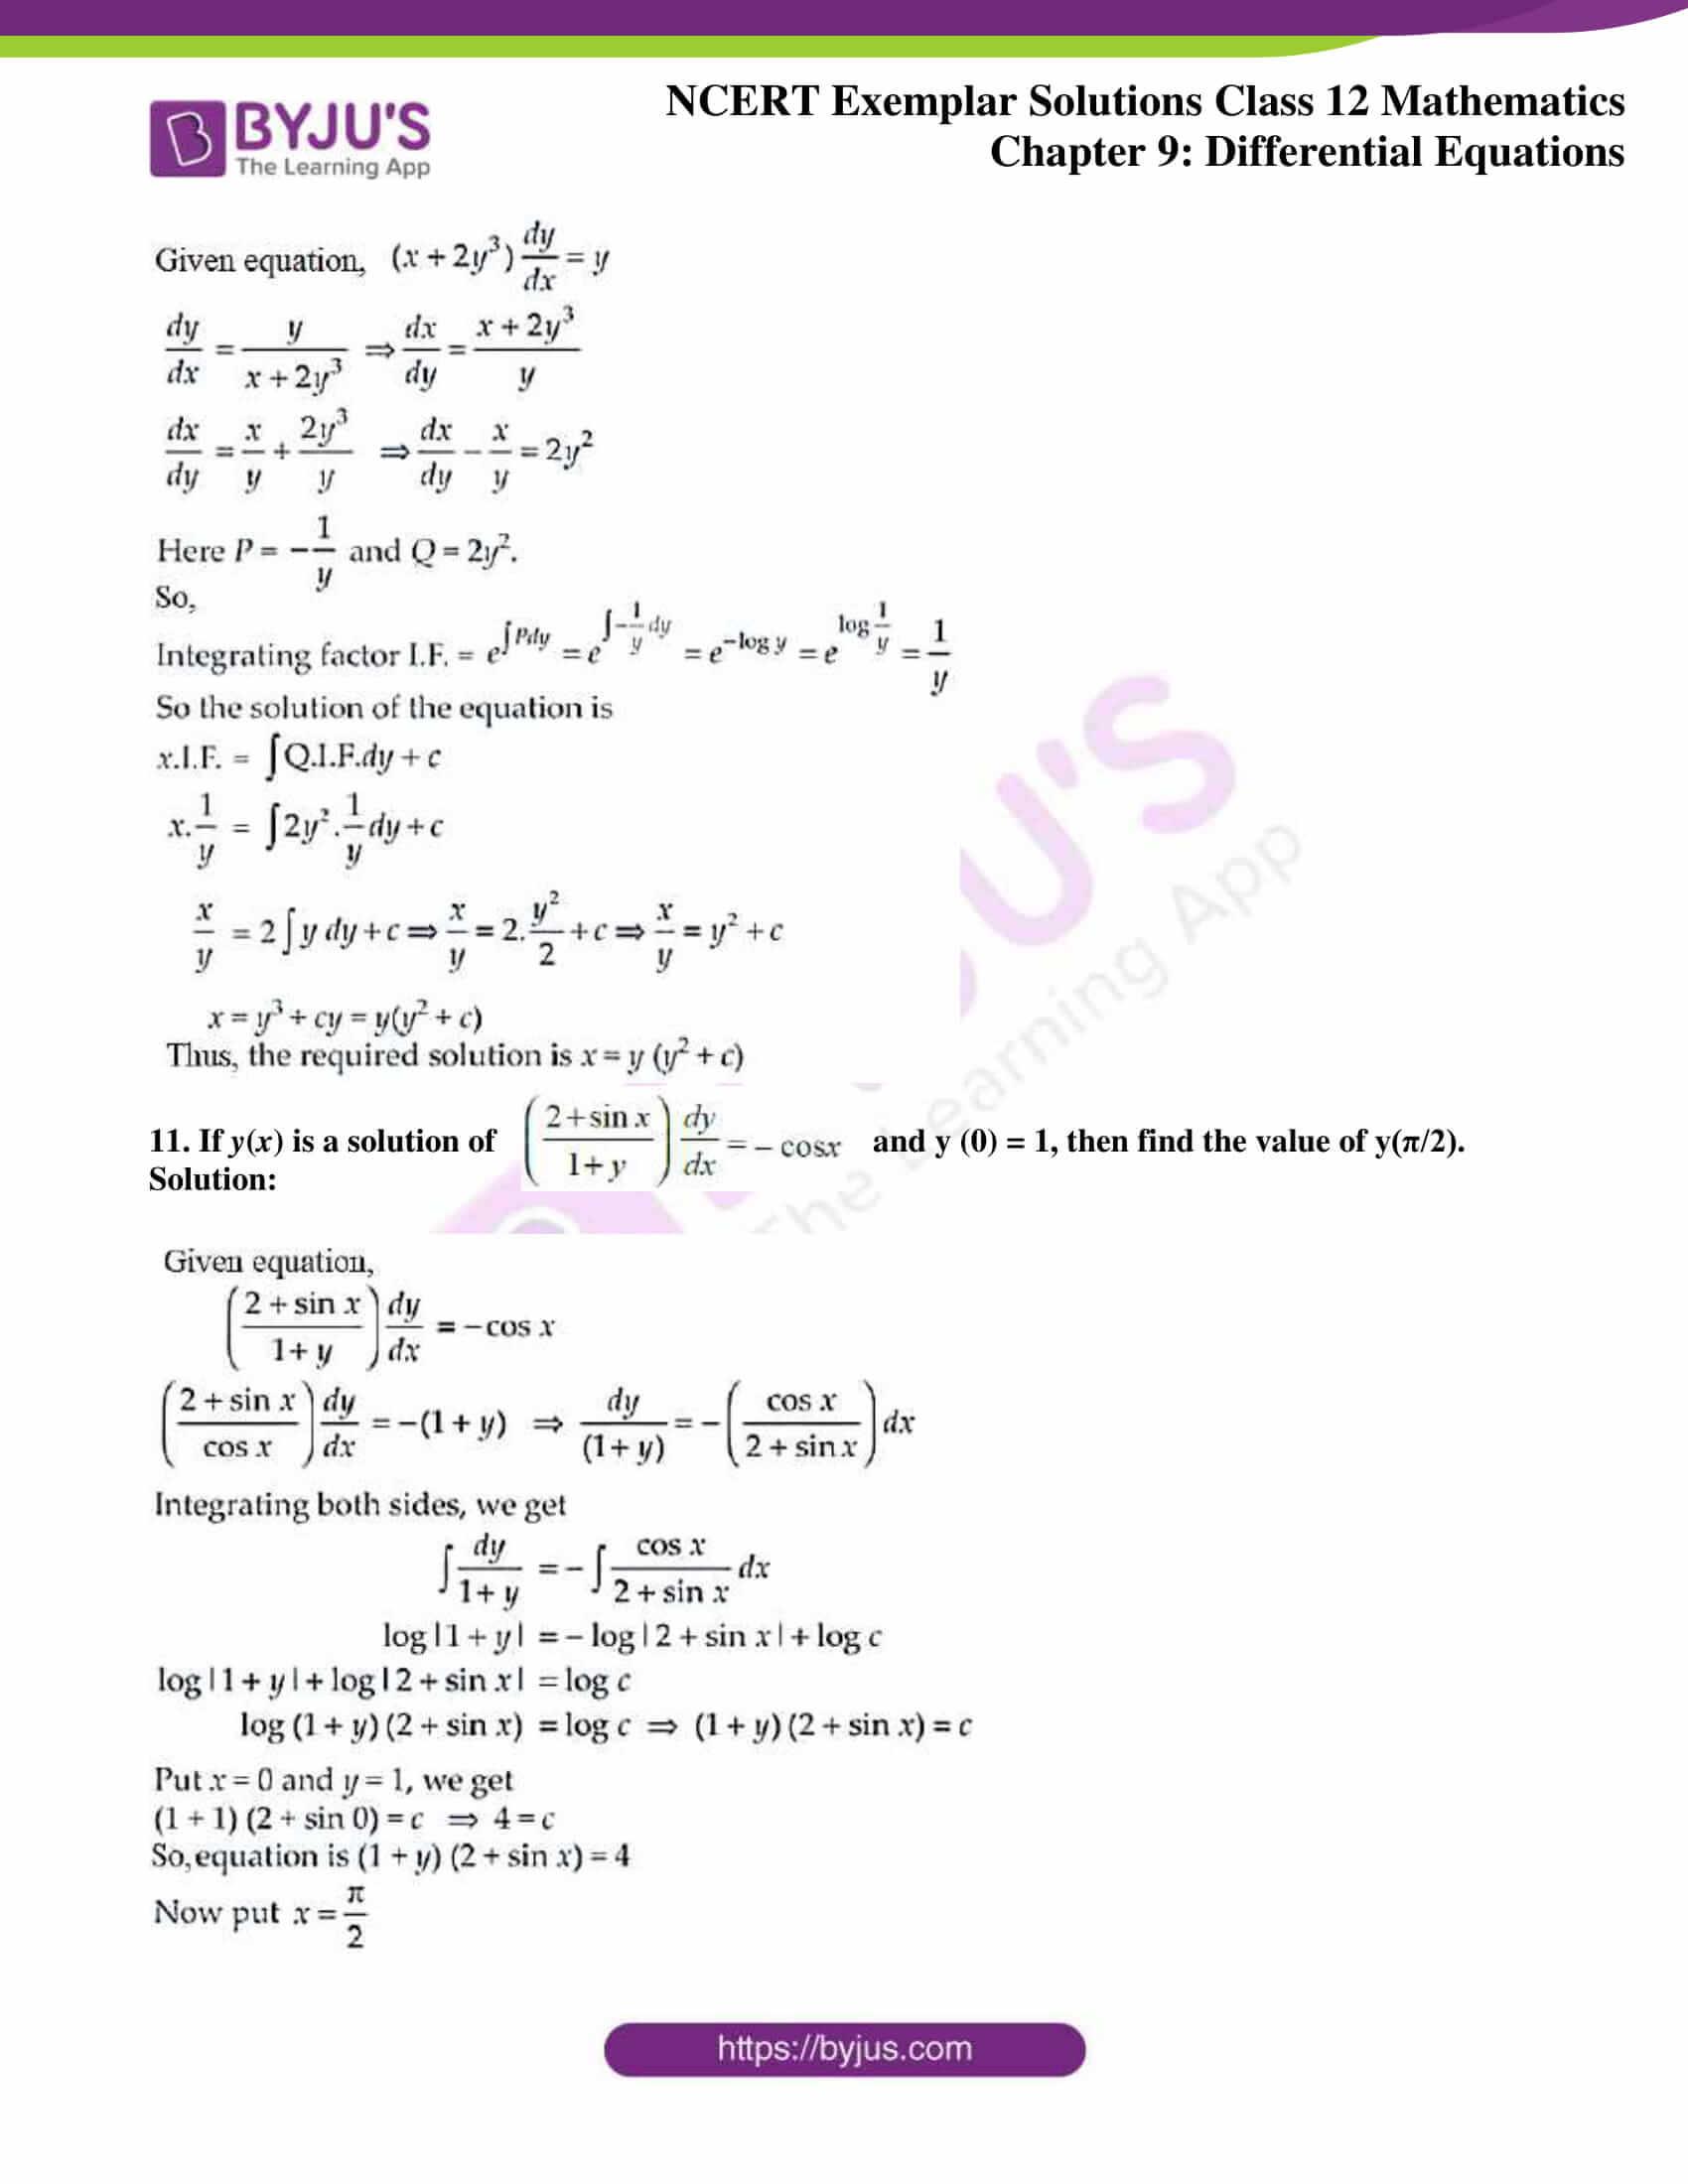 ncert exemplar sol class 12 mathematics ch 9 05